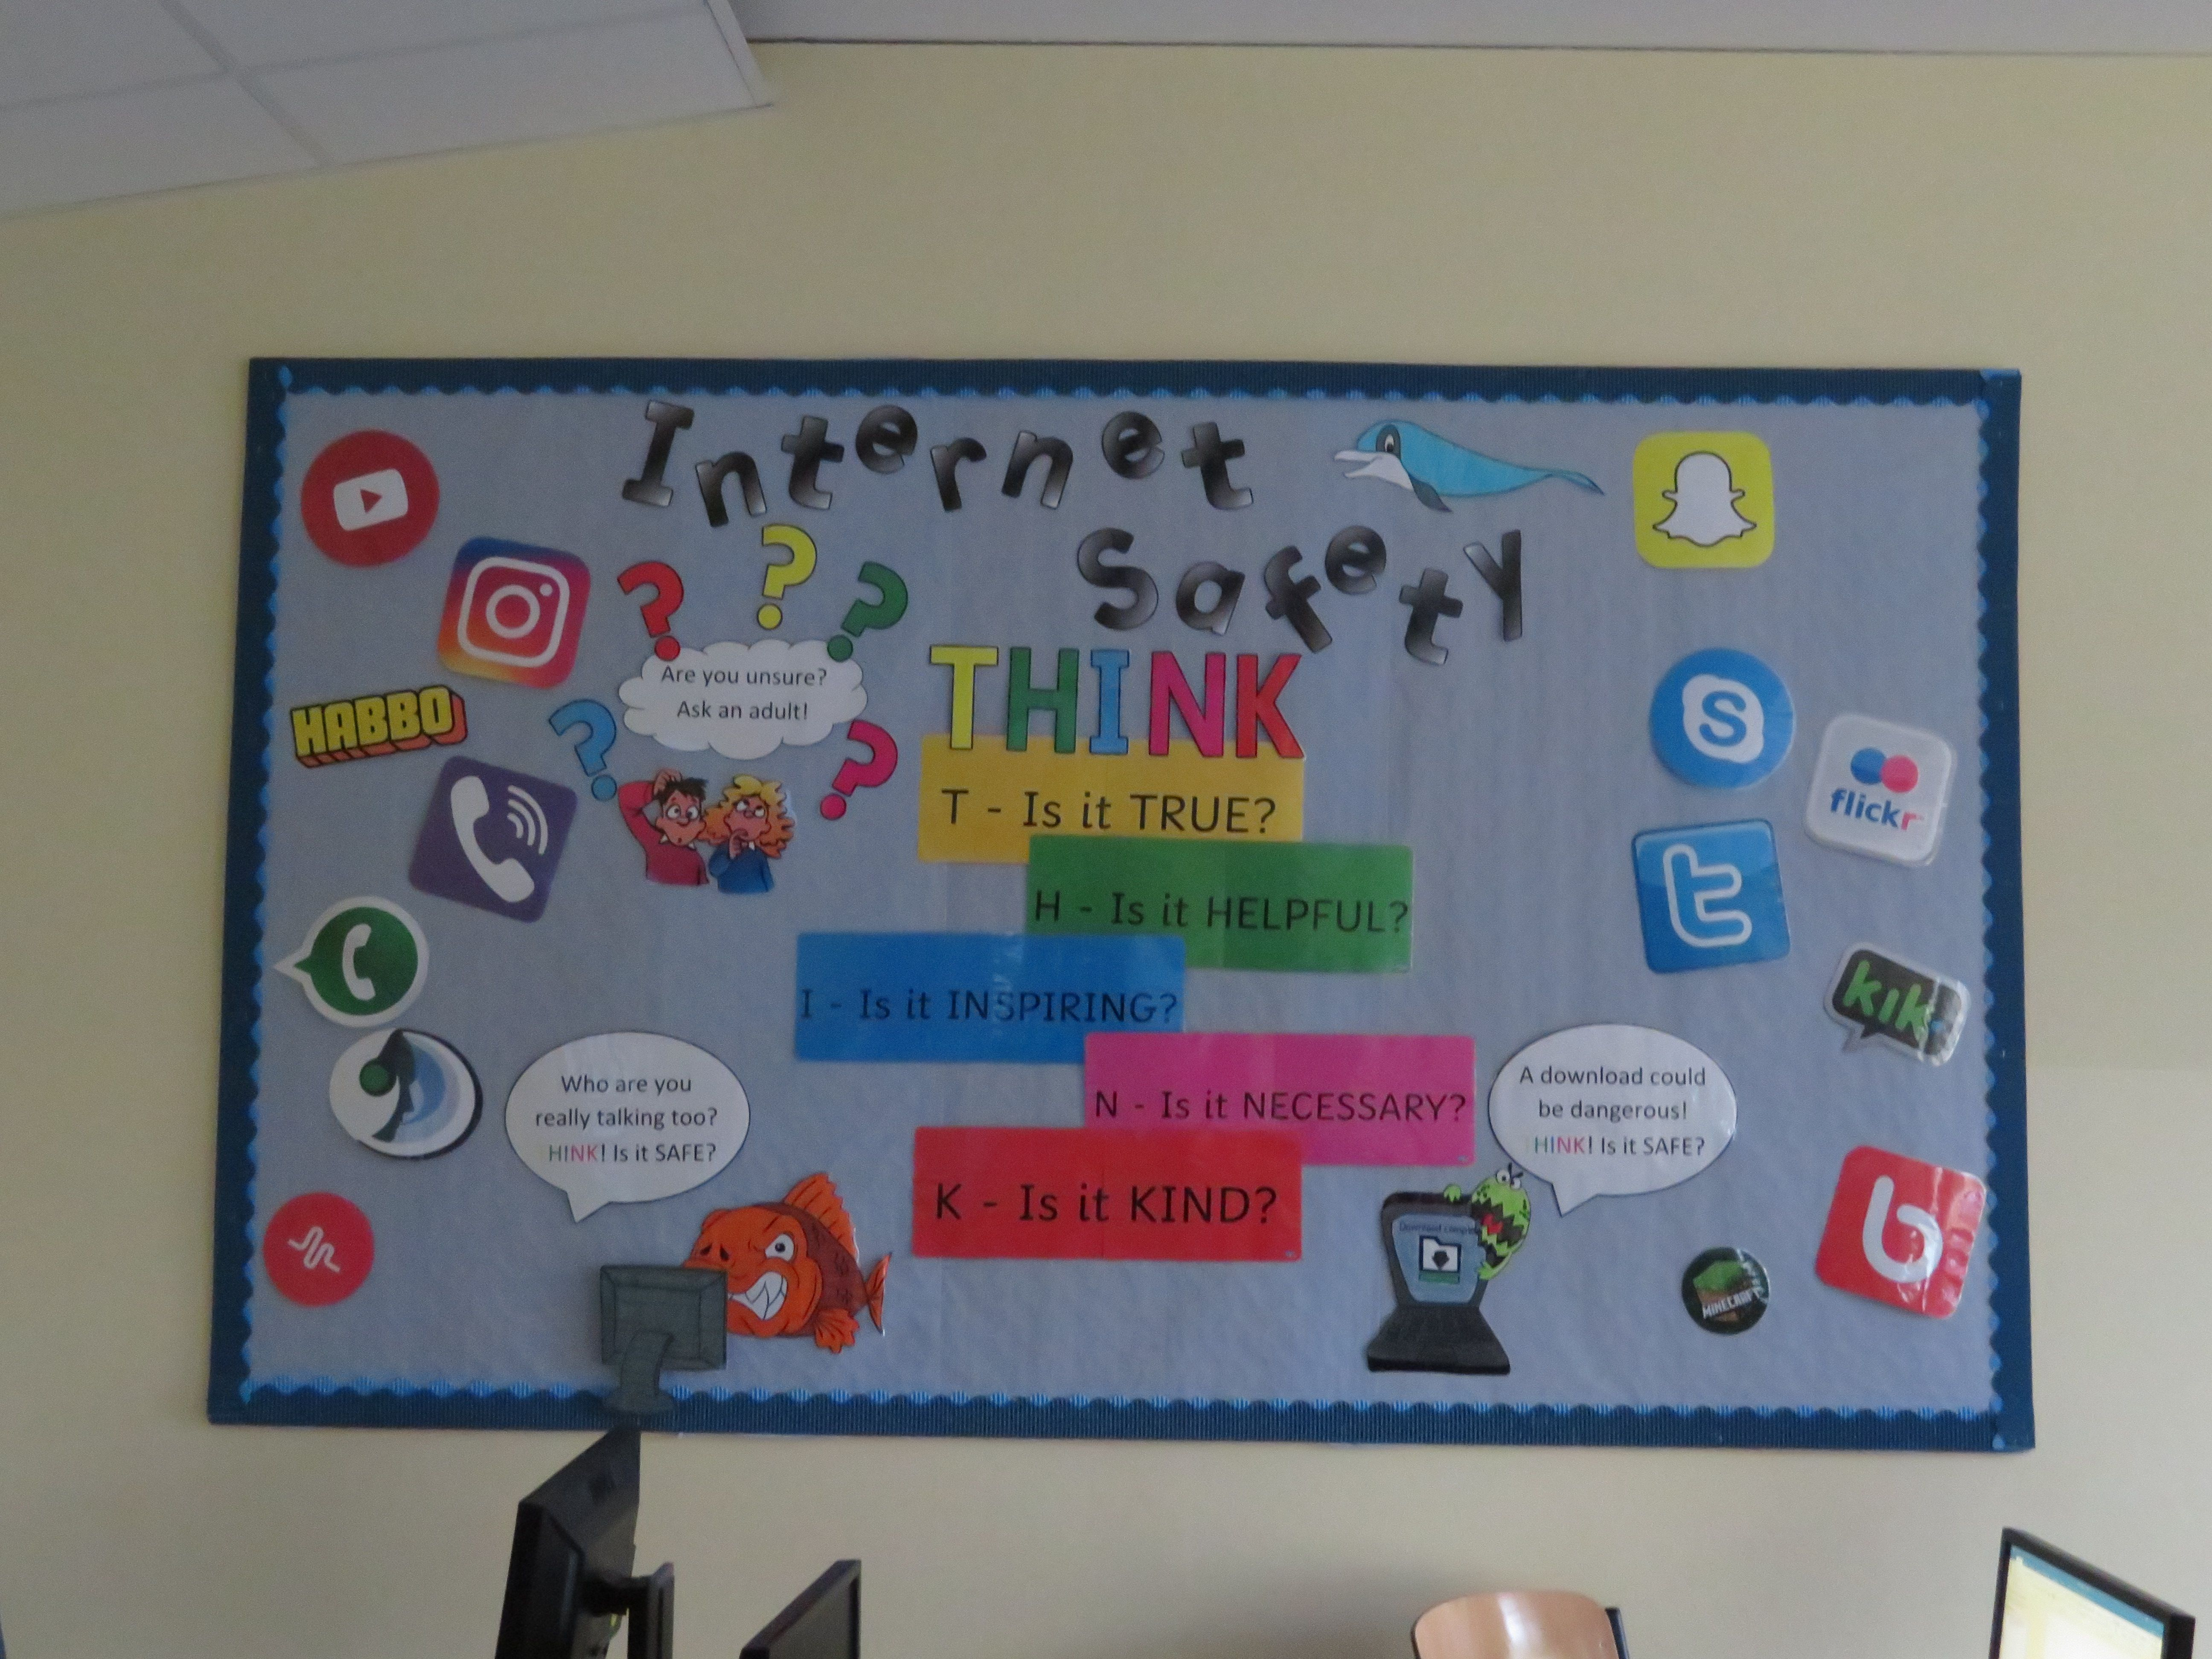 safety display board. Ict display, Display board